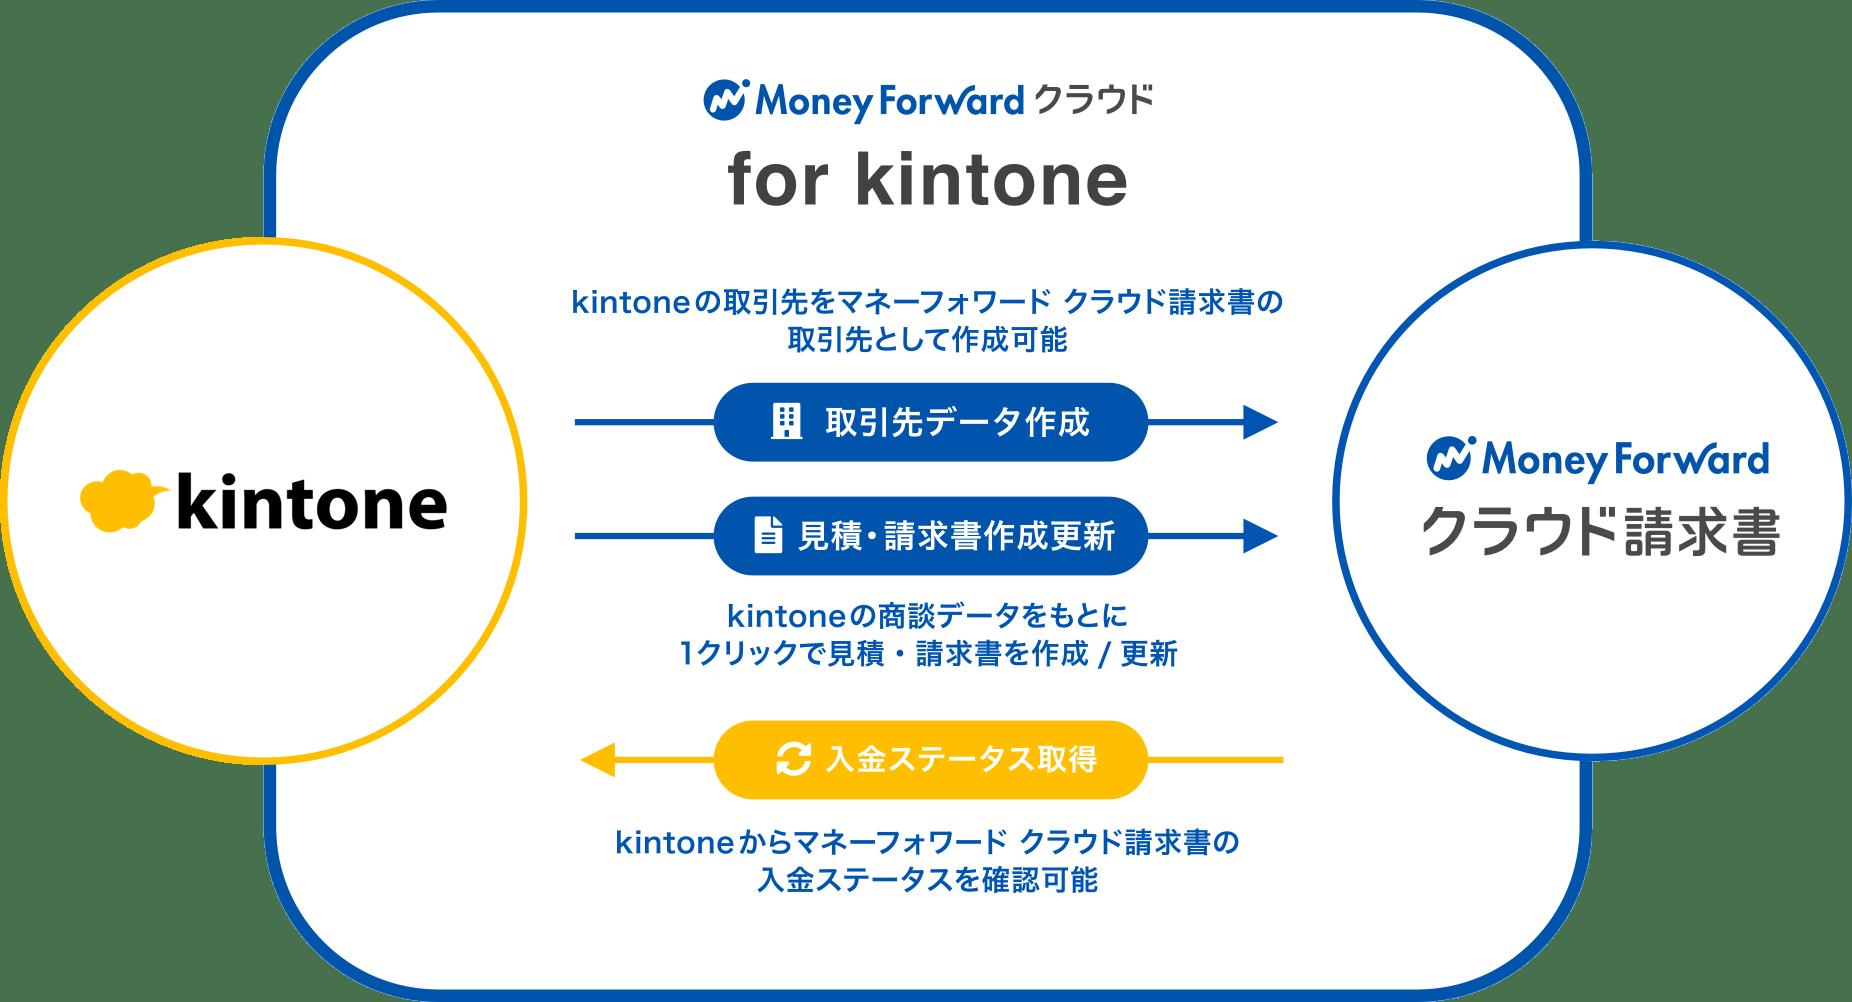 マネーフォワード クラウド for kintoneでできること